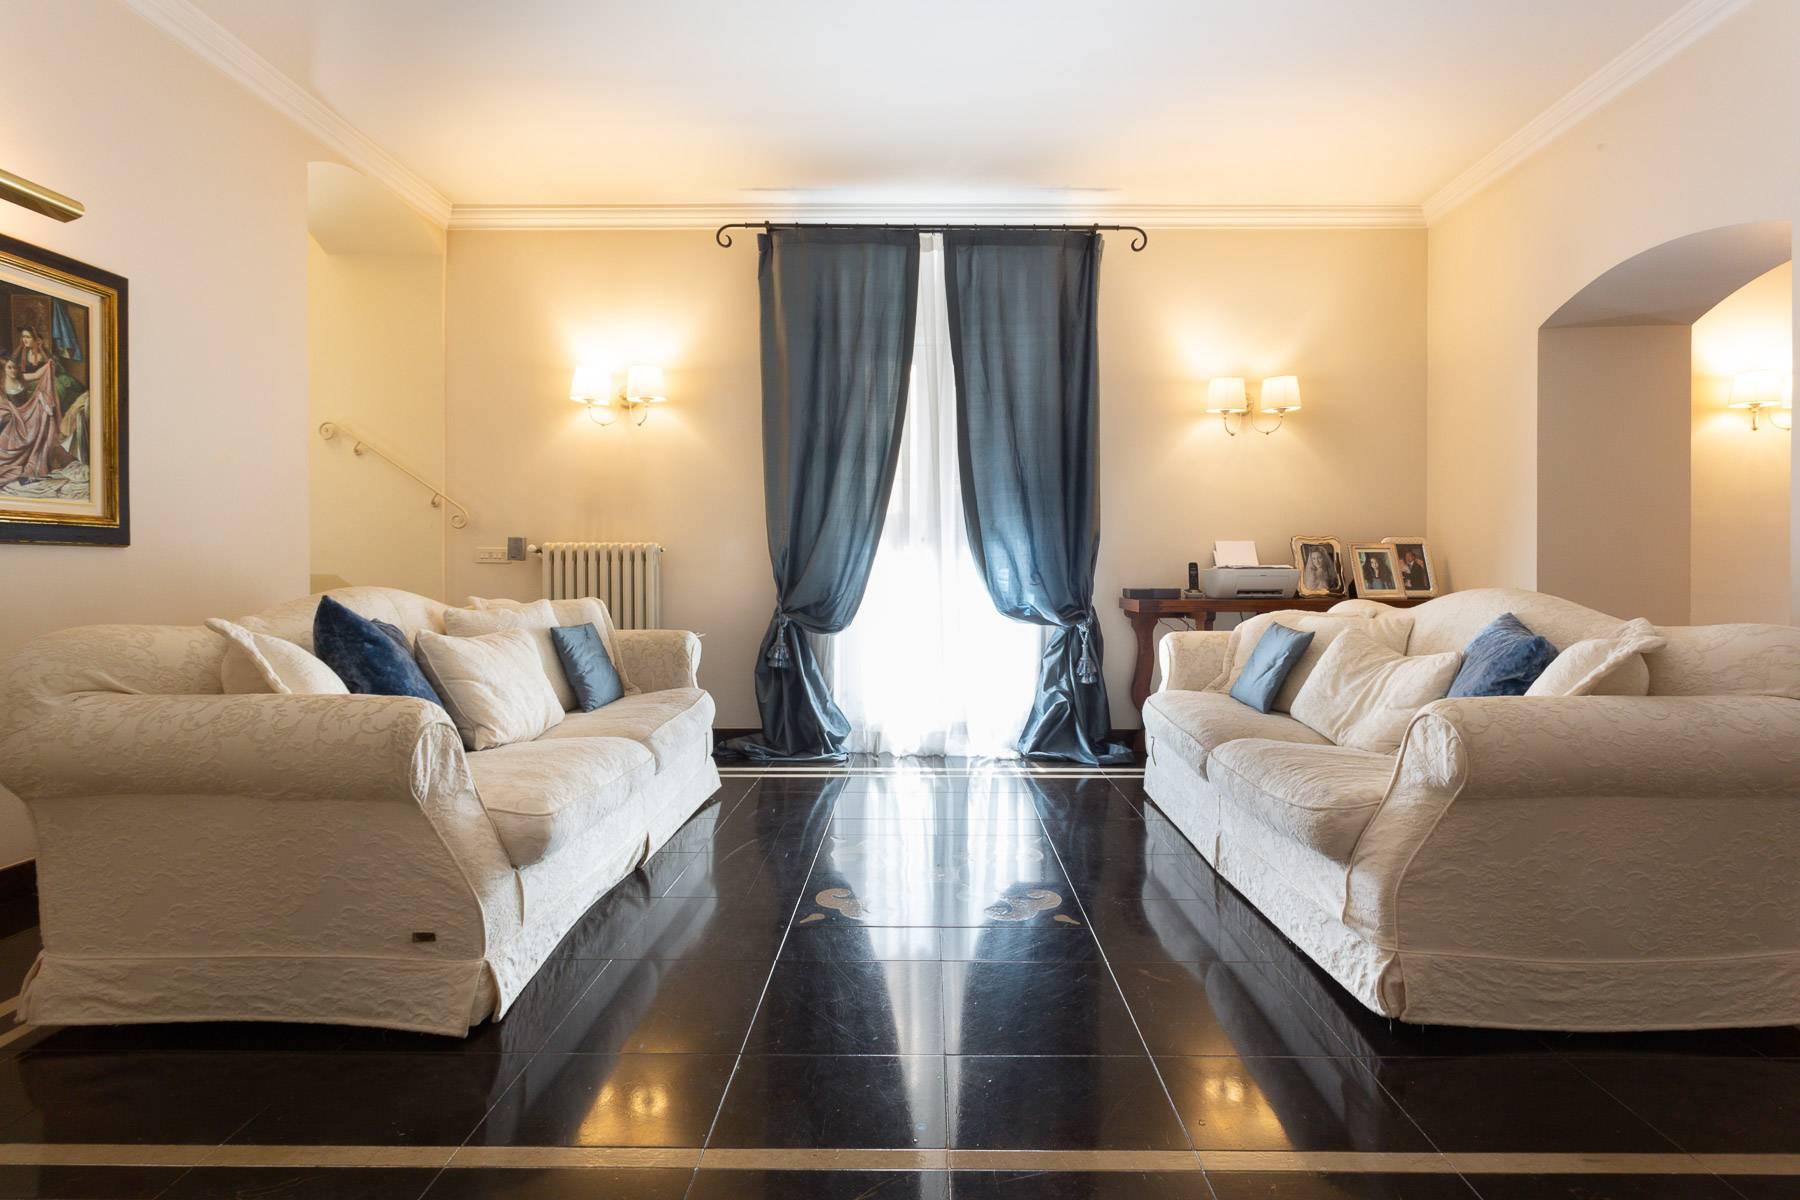 Casa indipendente in Vendita a Ragusa: 5 locali, 200 mq - Foto 2